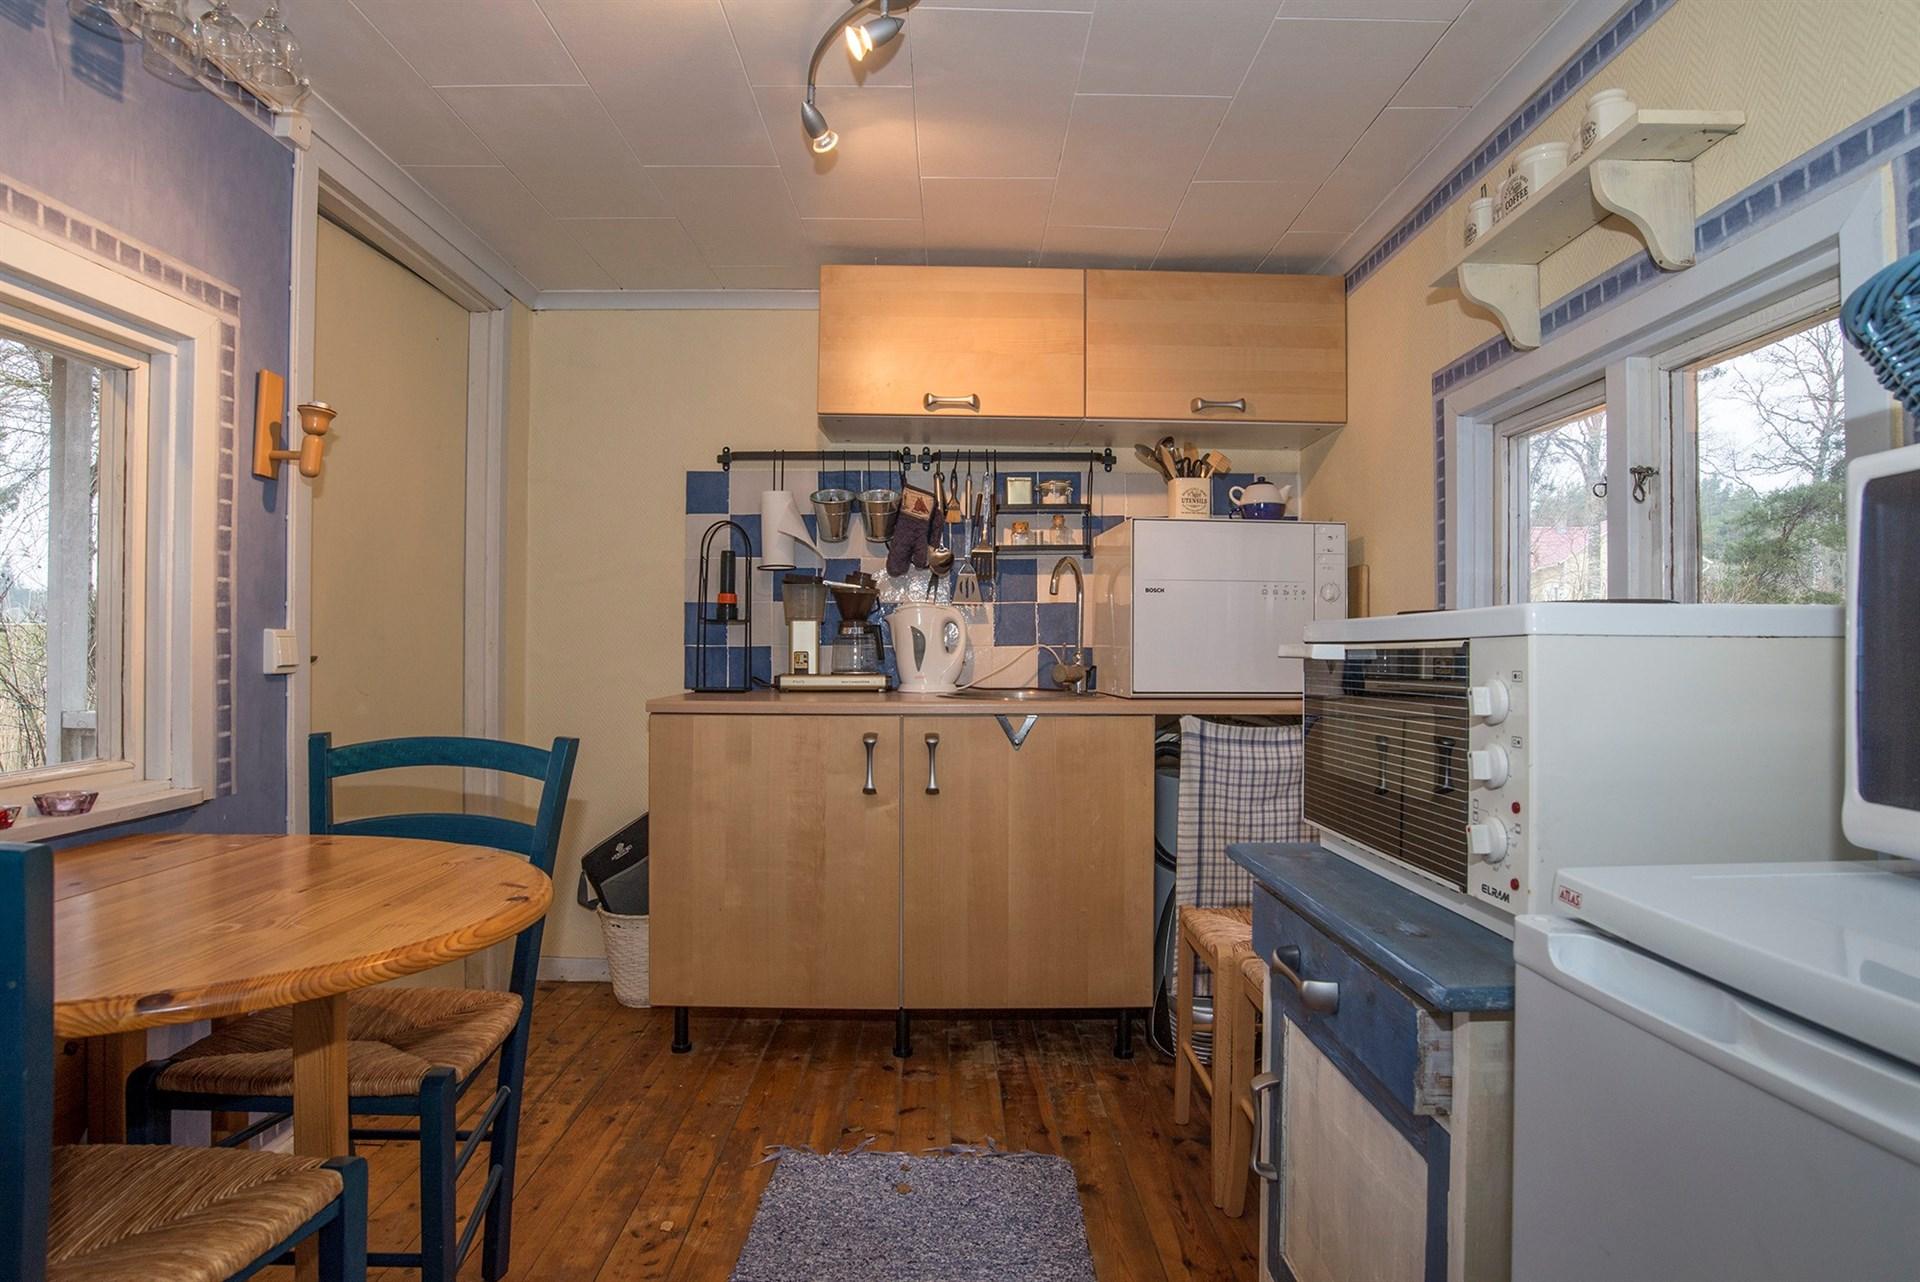 Stuga 3 - Kök med en mindre matplats